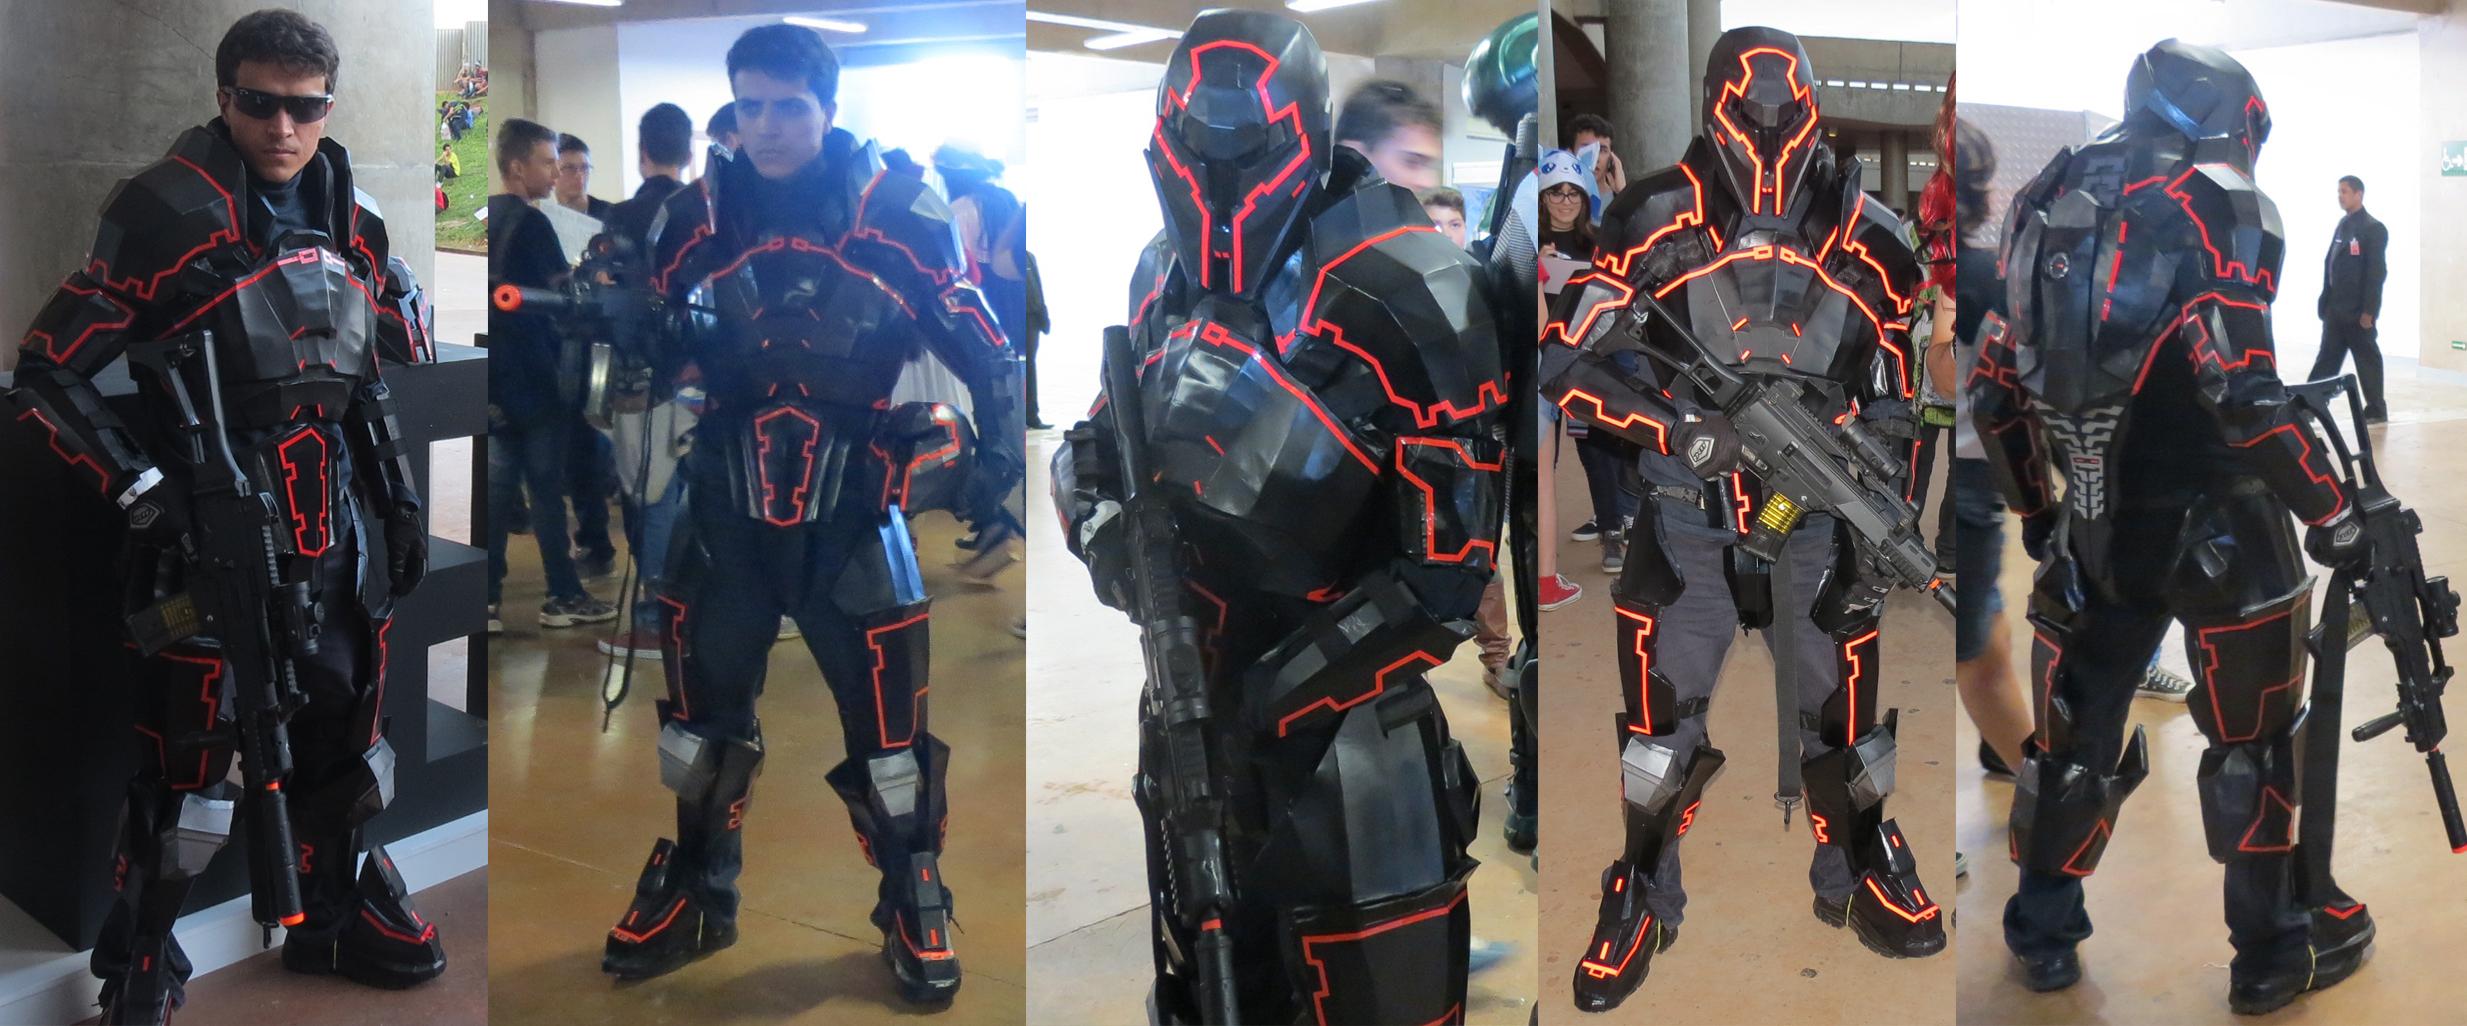 terminus_armor_by_rademiseros-d9mg9oi.jpg